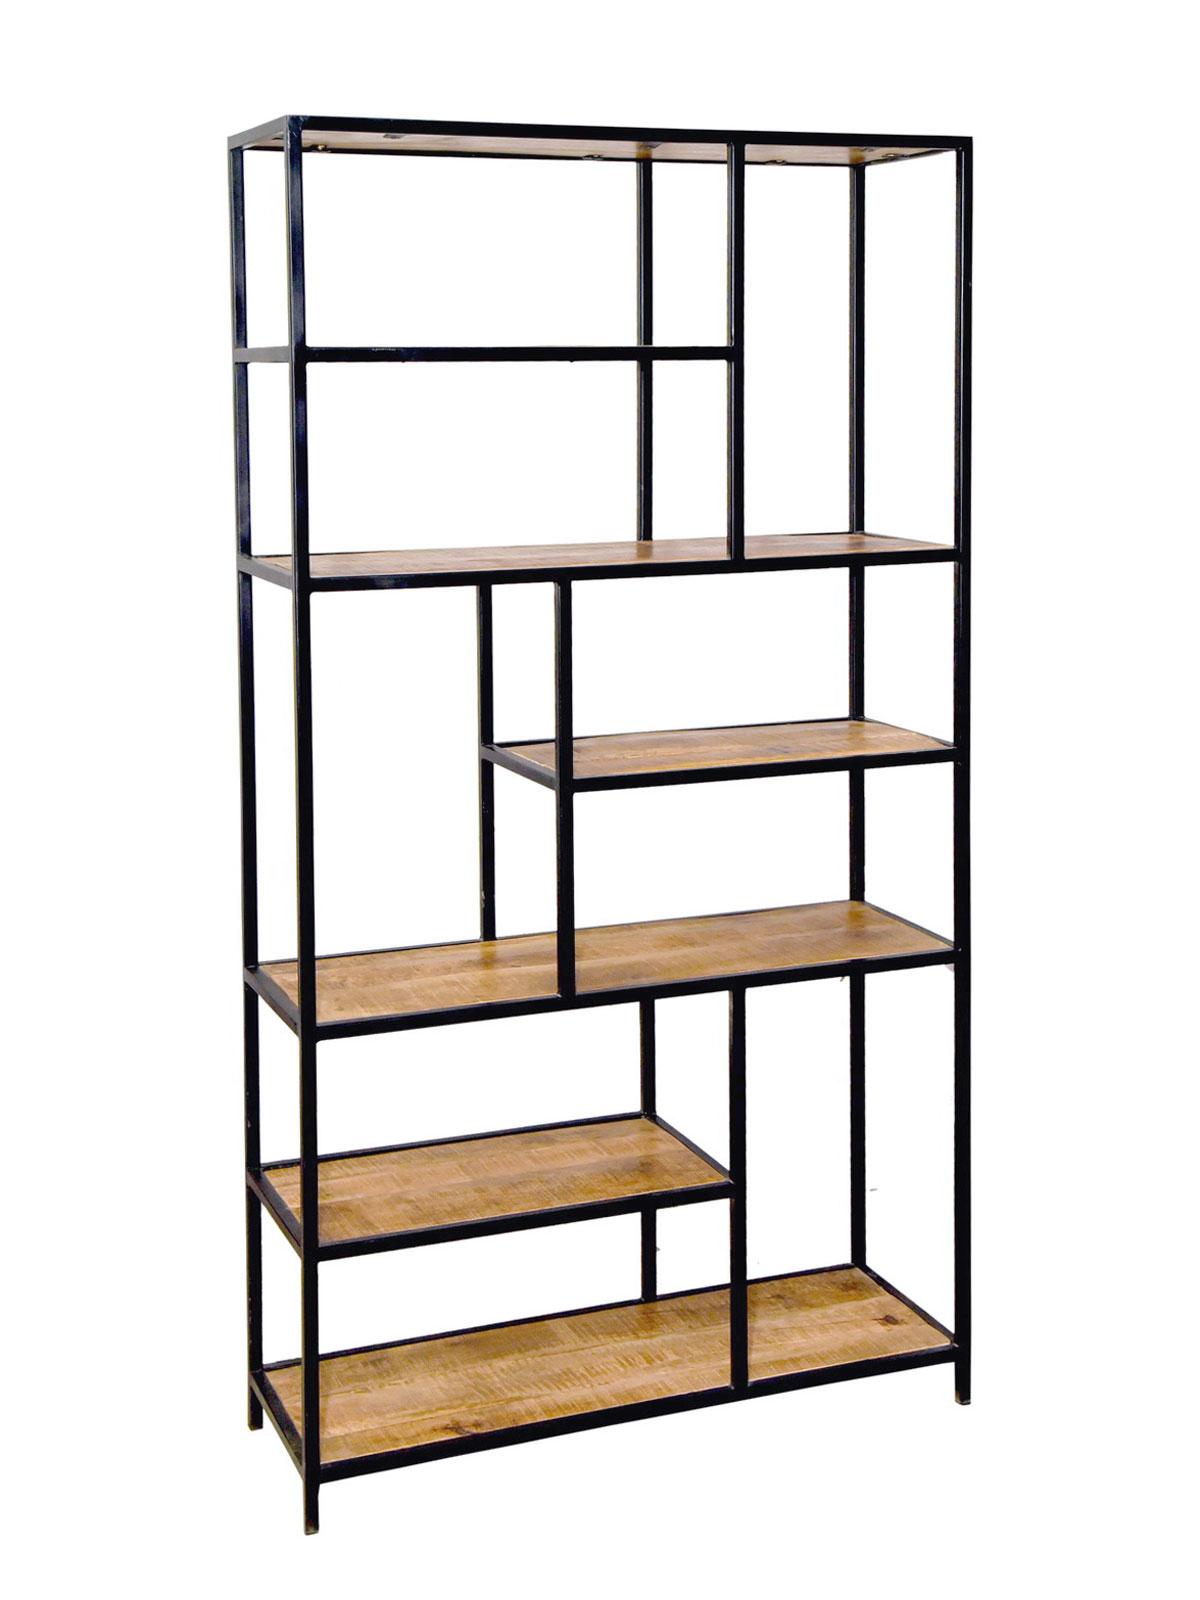 Full Size of Regalwürfel Metall Bcherregal Stand Regal Bcherbord 100 190 40 Cm Liverpool Regale Bett Weiß Wohnzimmer Regalwürfel Metall